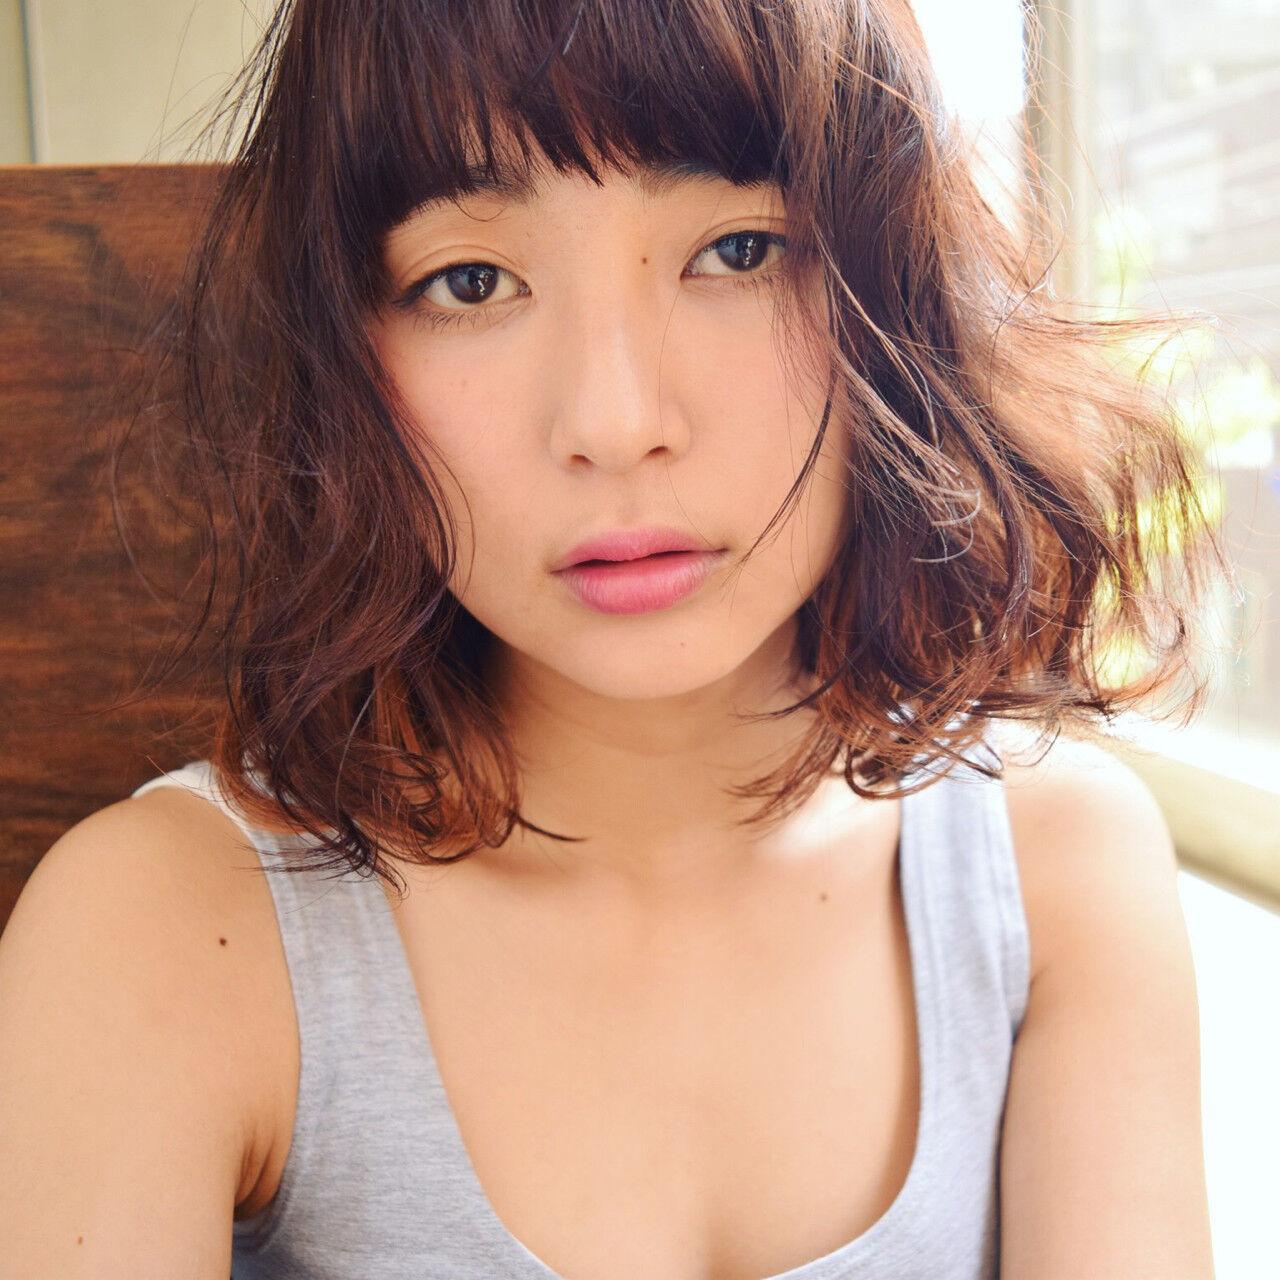 ミディアム フェミニン ゆるふわ 前髪ありヘアスタイルや髪型の写真・画像